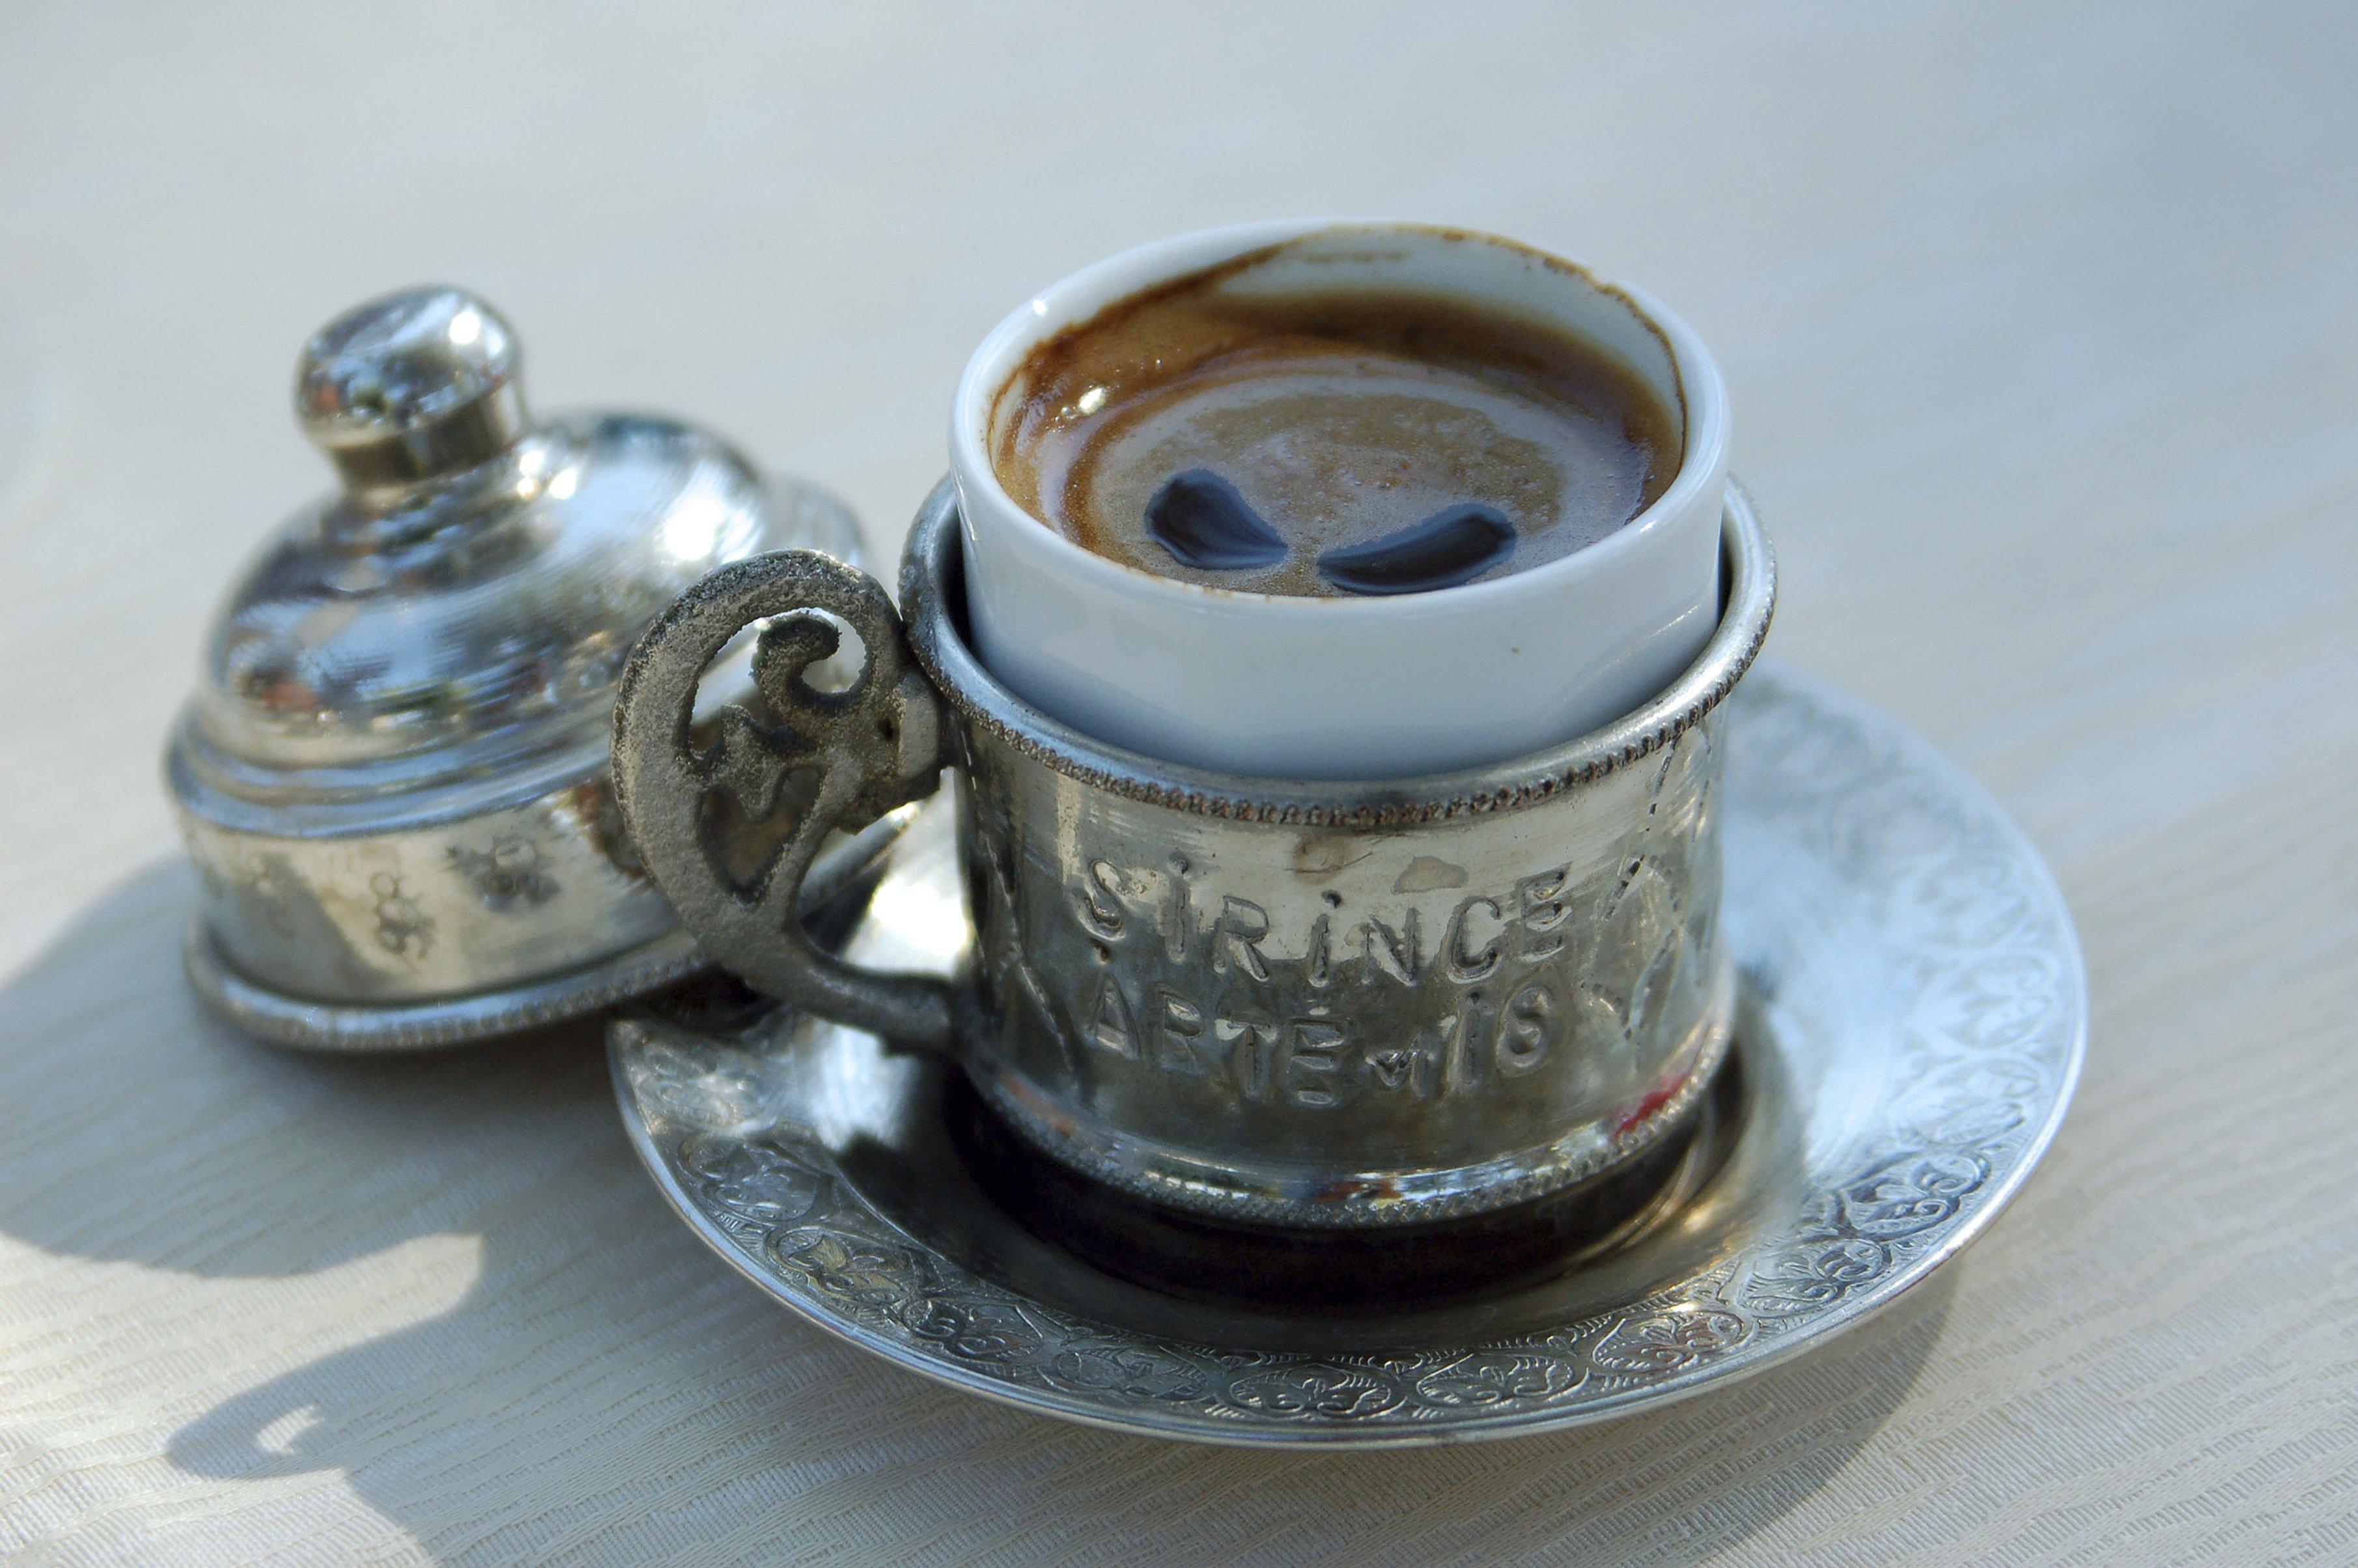 Венский, турецкий, американо: как готовят и пьют кофе в разных странах мира Венский, турецкий, американо: как готовят и пьют кофе в разных странах мира GettyImages 179806416